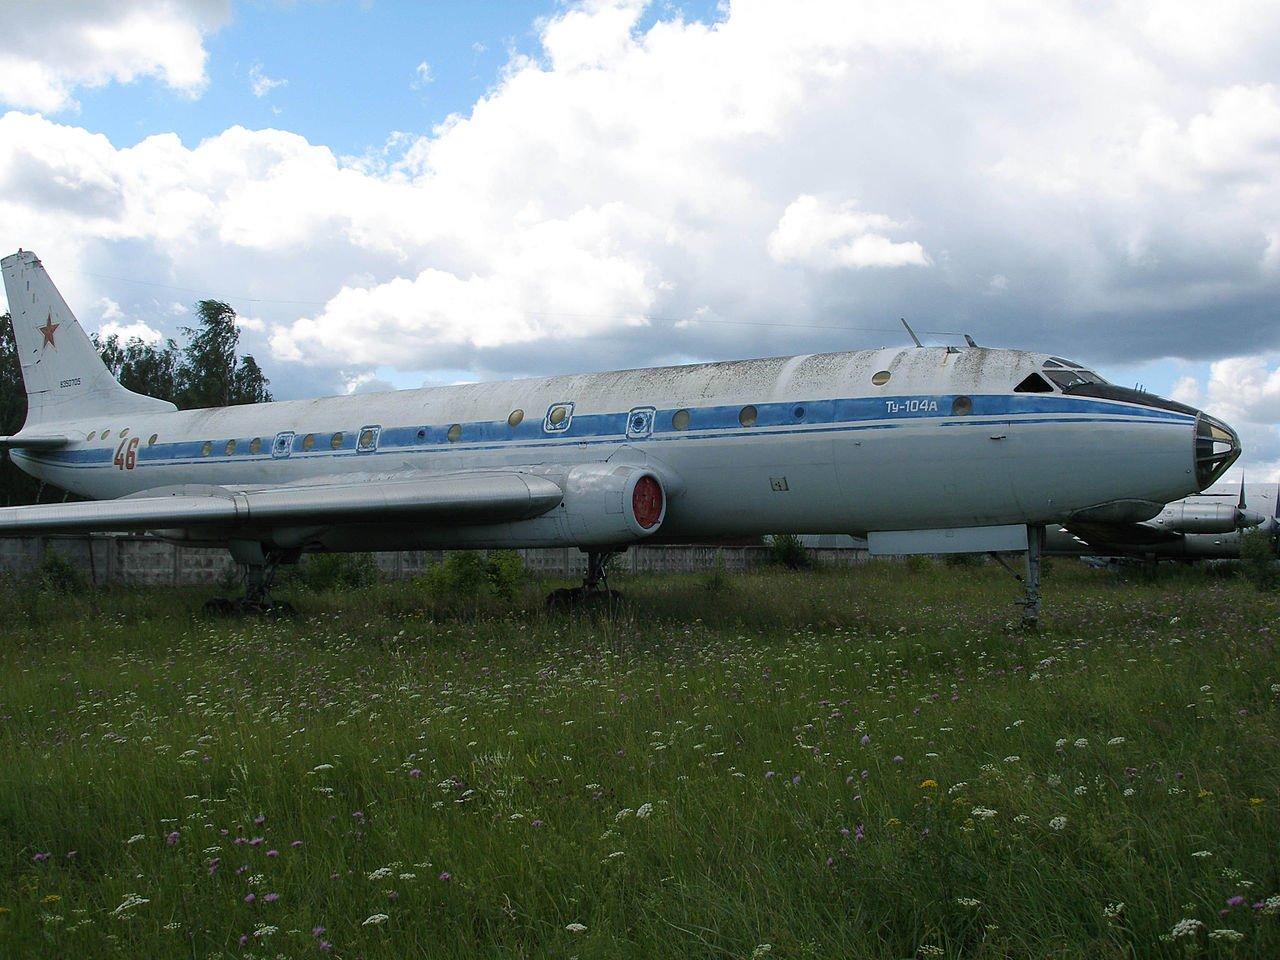 Ту-104 против Boeing: как Запад признал превосходство СССР в развитии первого реактивного пассажирского лайнера